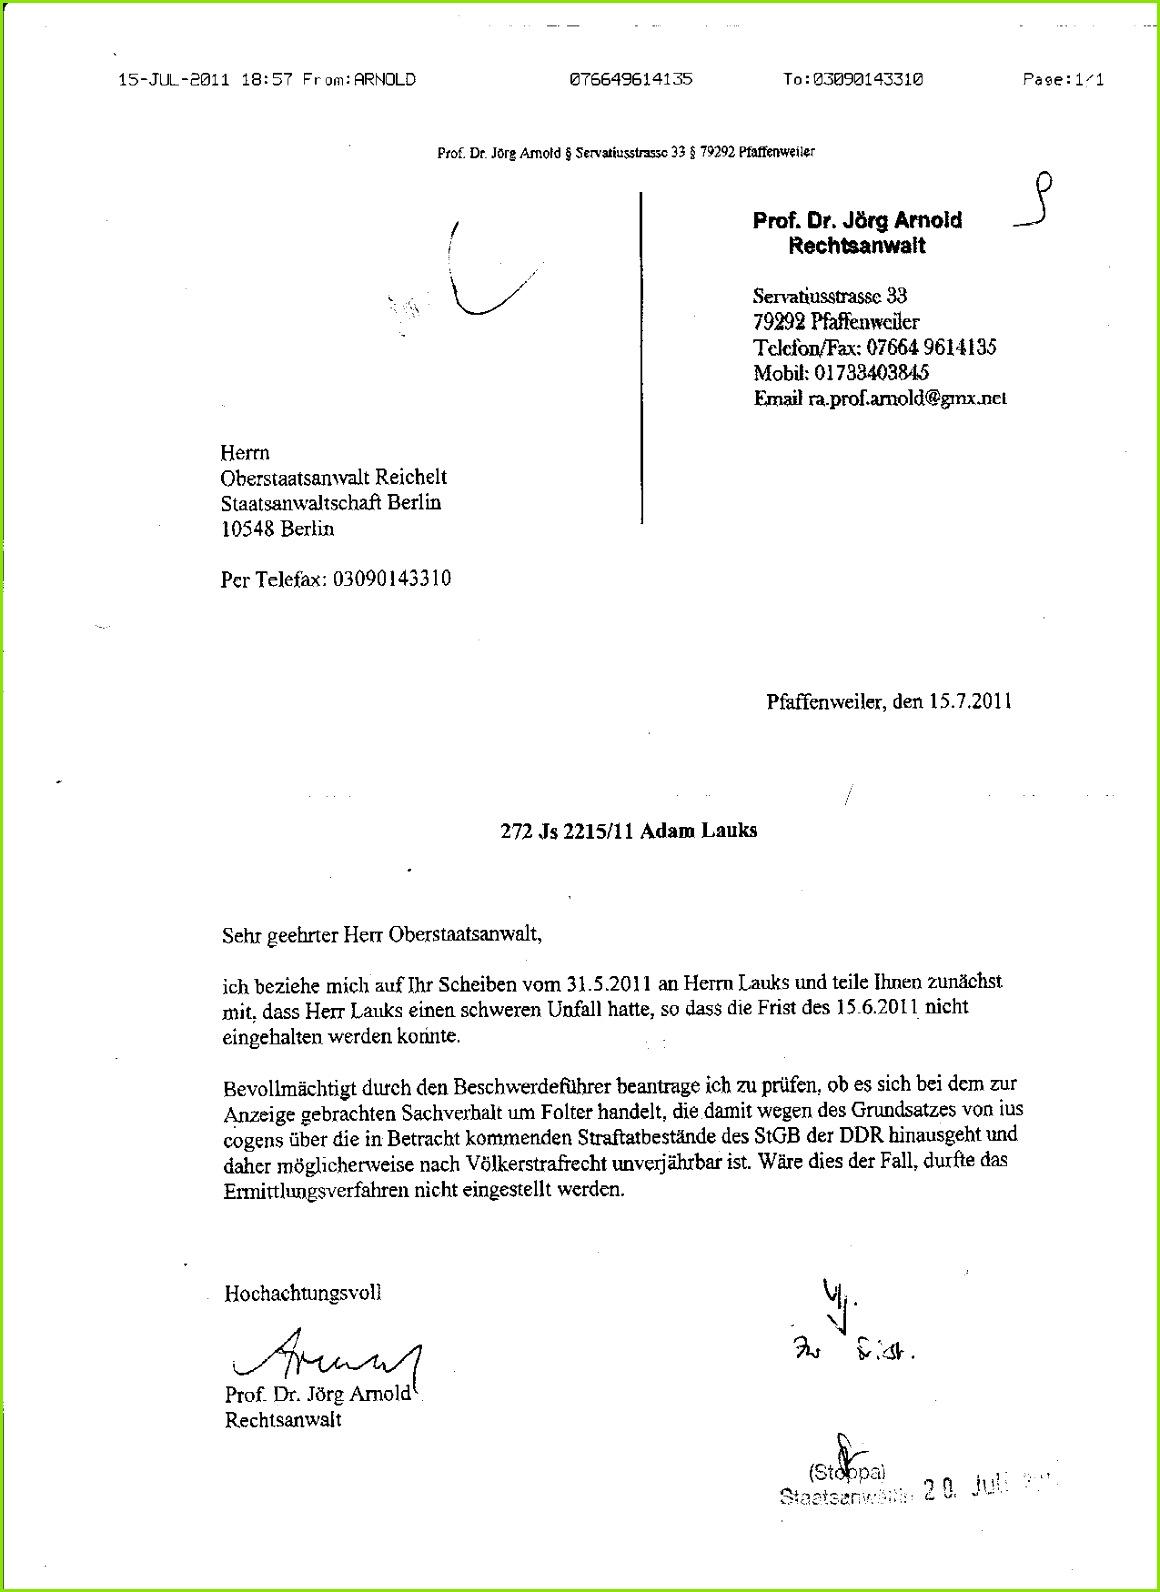 Stasifreundliucher Oberstaatsanwalt Reichelt würdigte Meinung des Professor für Strafrecht nicht eines Satzes